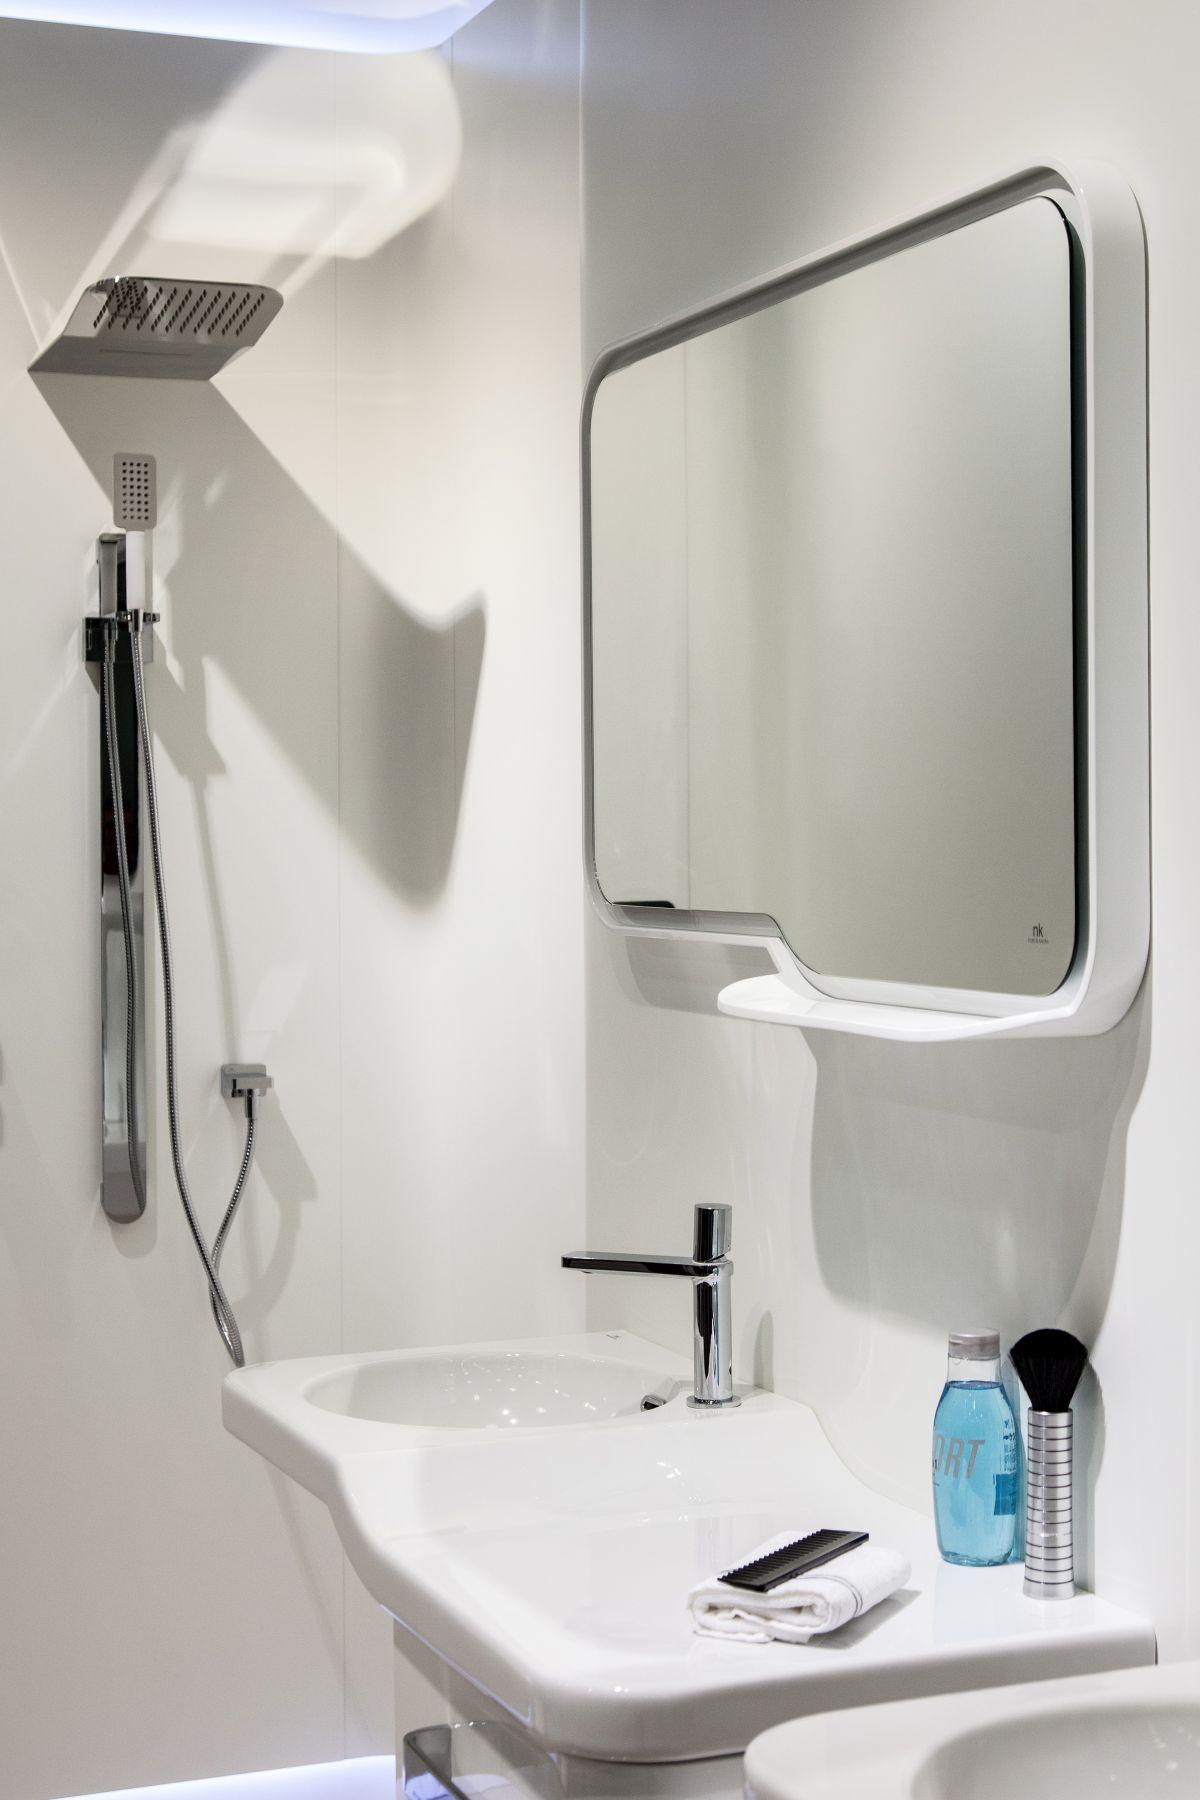 Bathroom Decorating Ideas for a Small Yet Stylish Design on Monochromatic Bathroom Ideas  id=50122